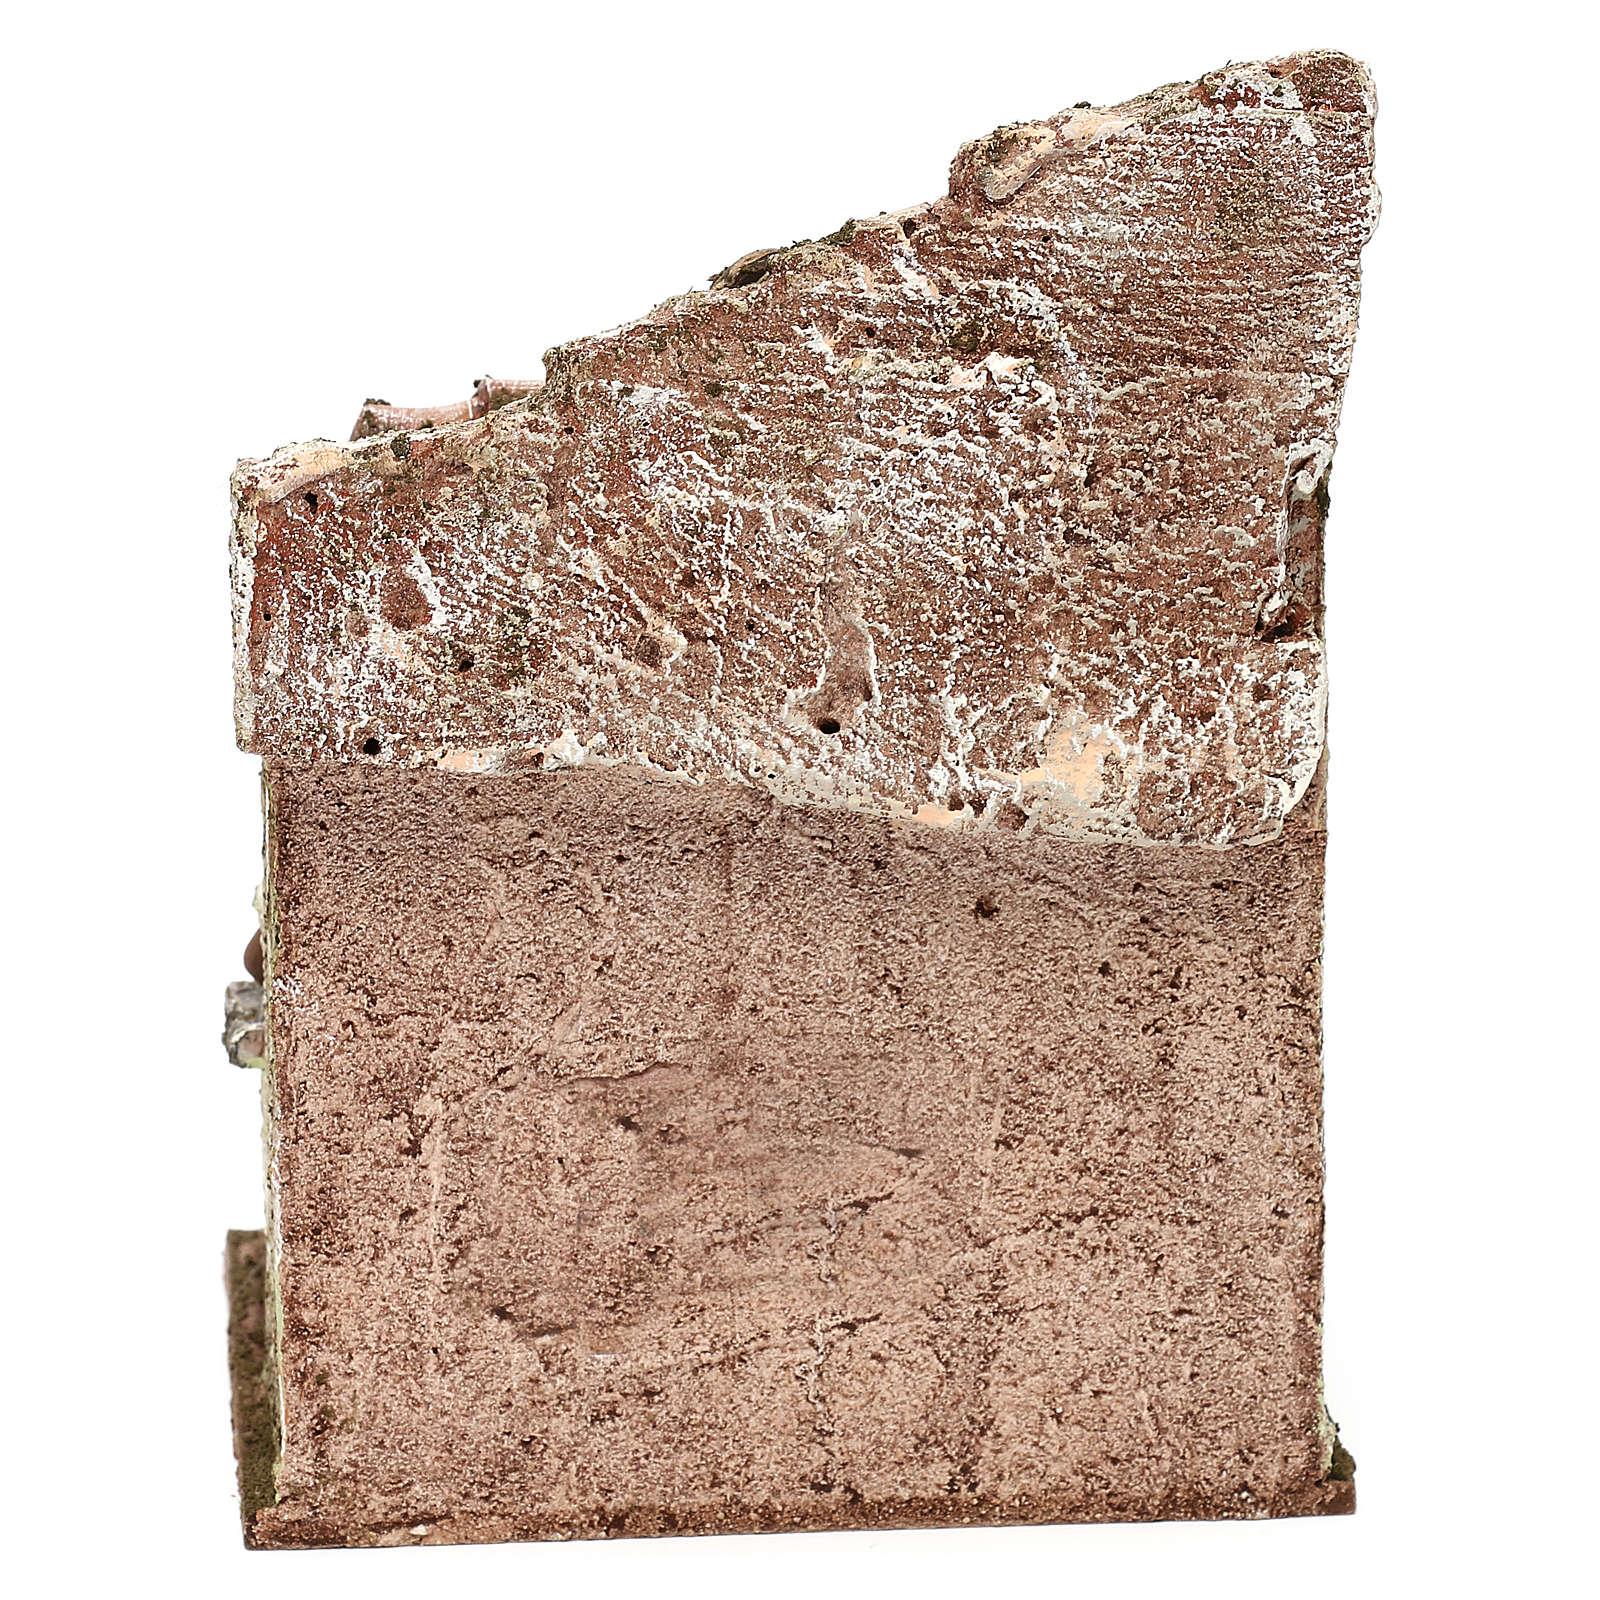 Capanna muratura con paglia 20x30x15 cm per presepe di 10 cm 4